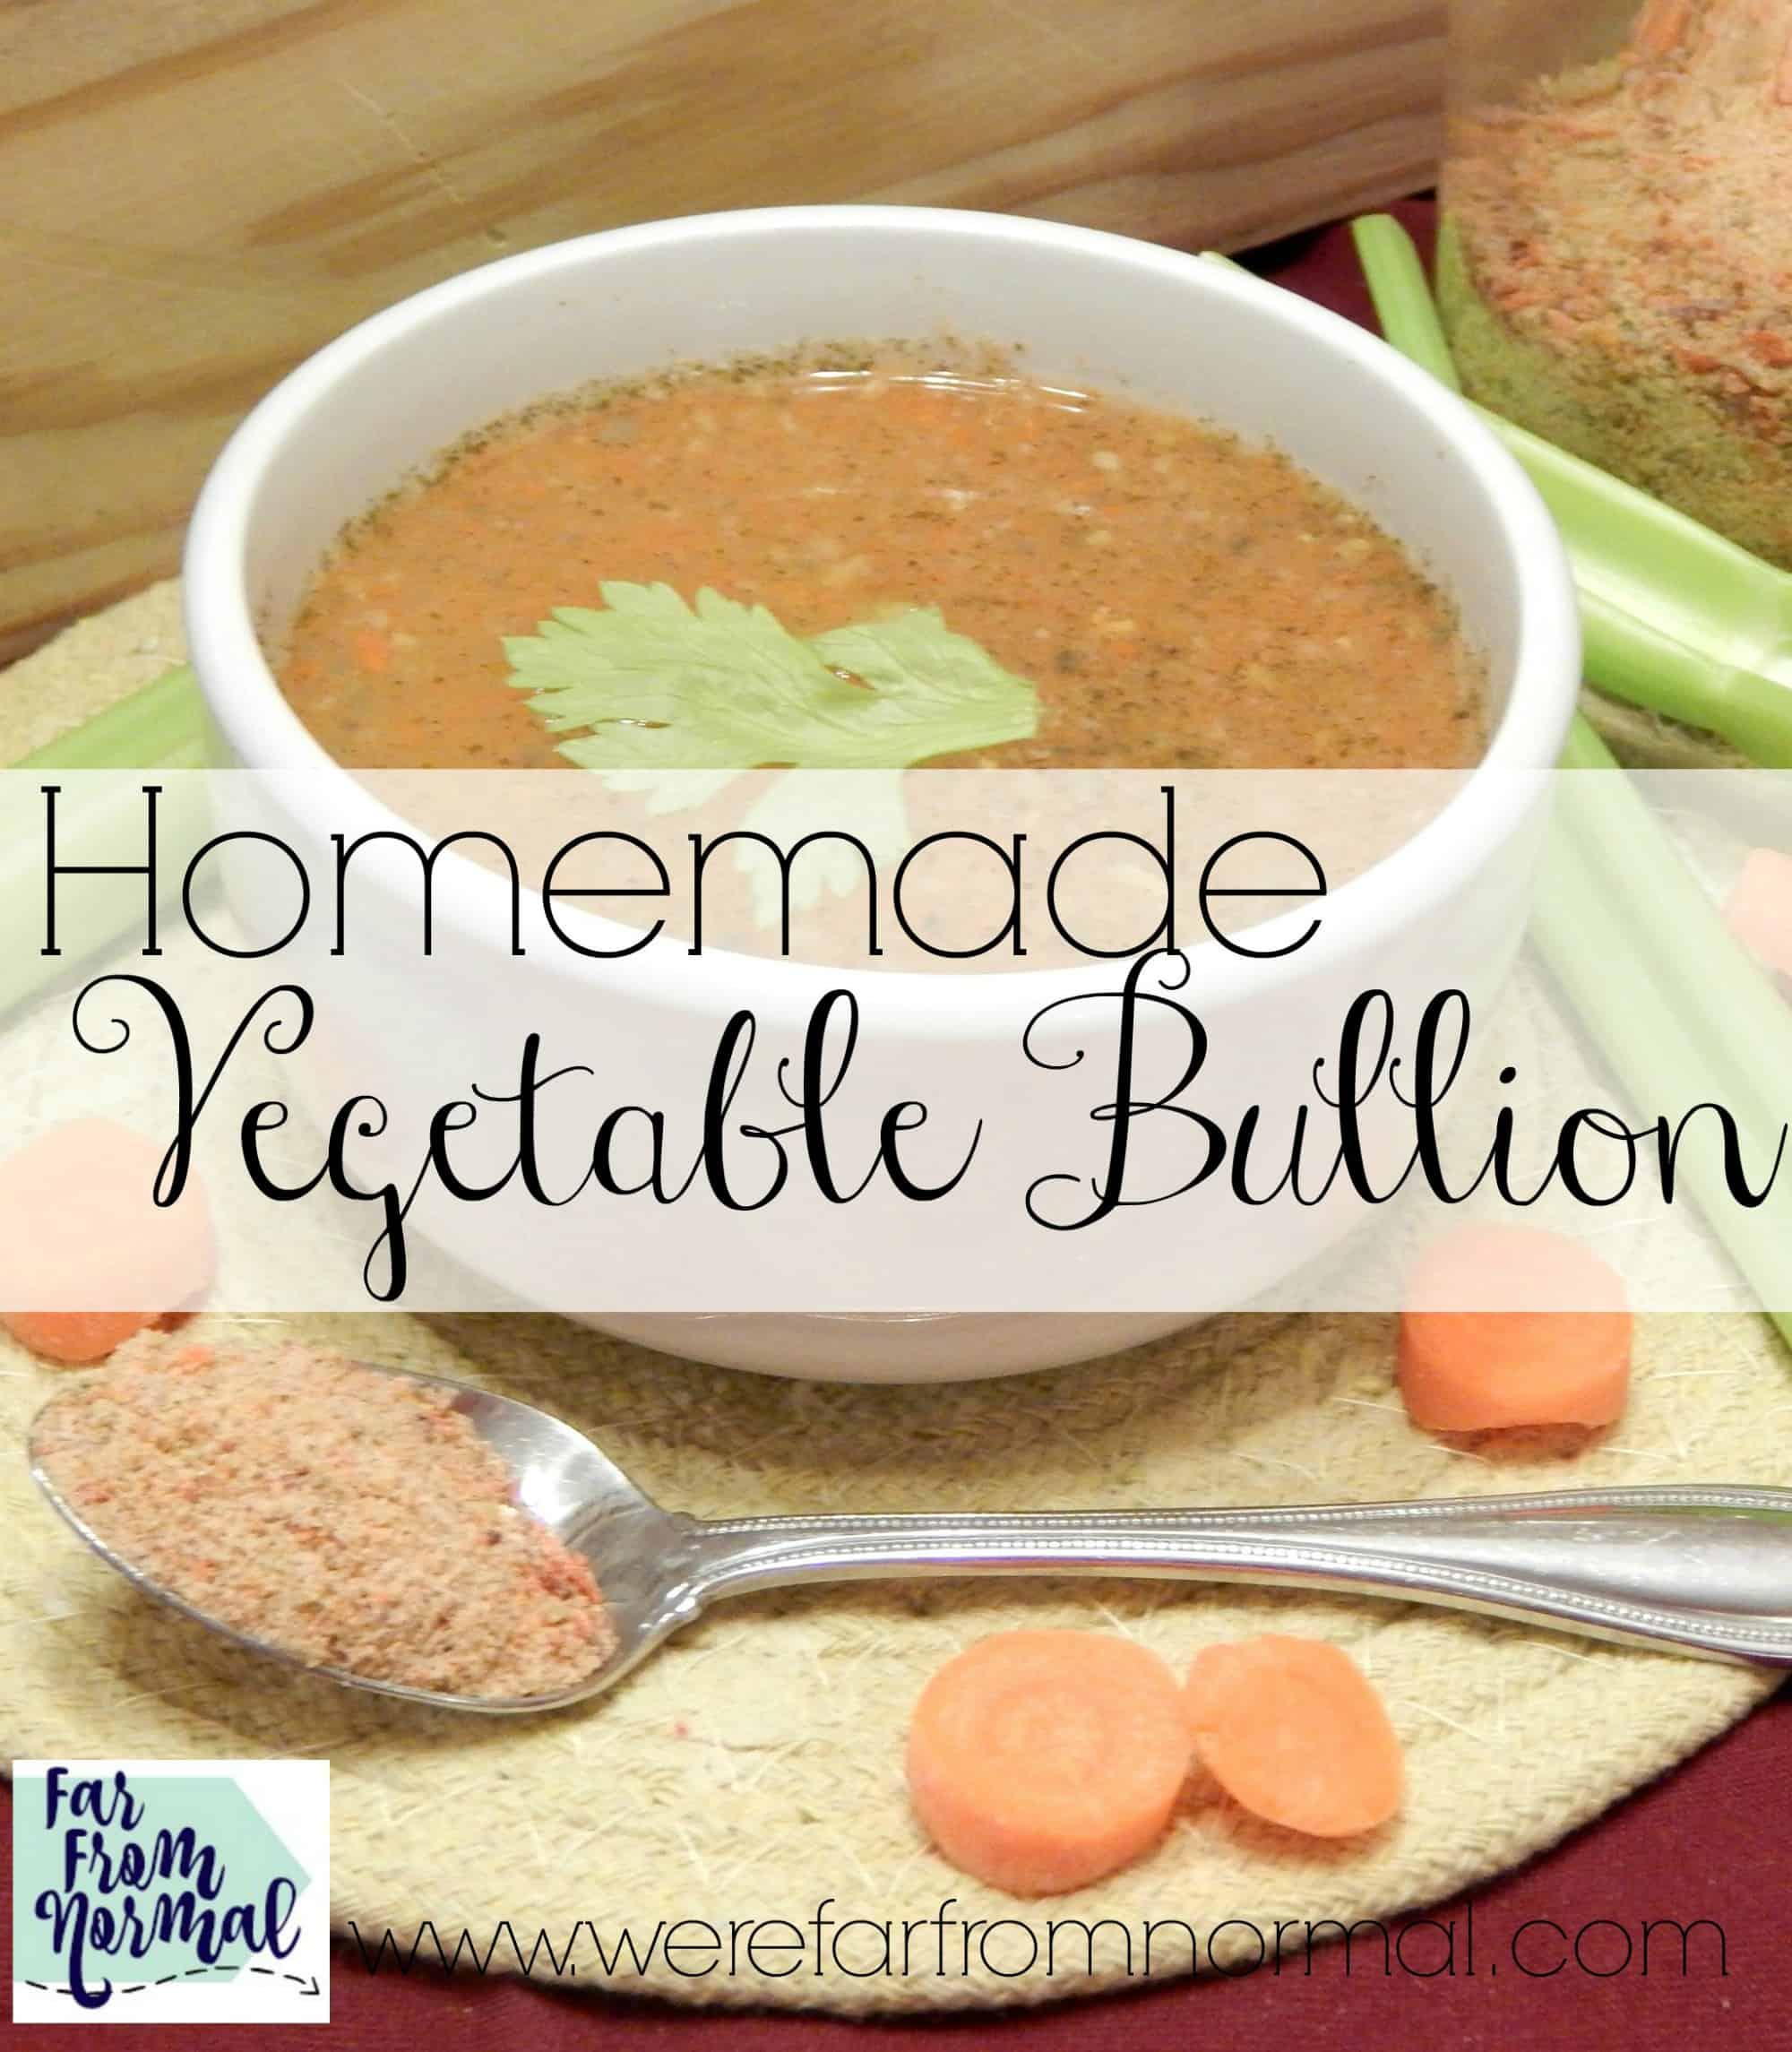 Homemade Vegetable Bullion